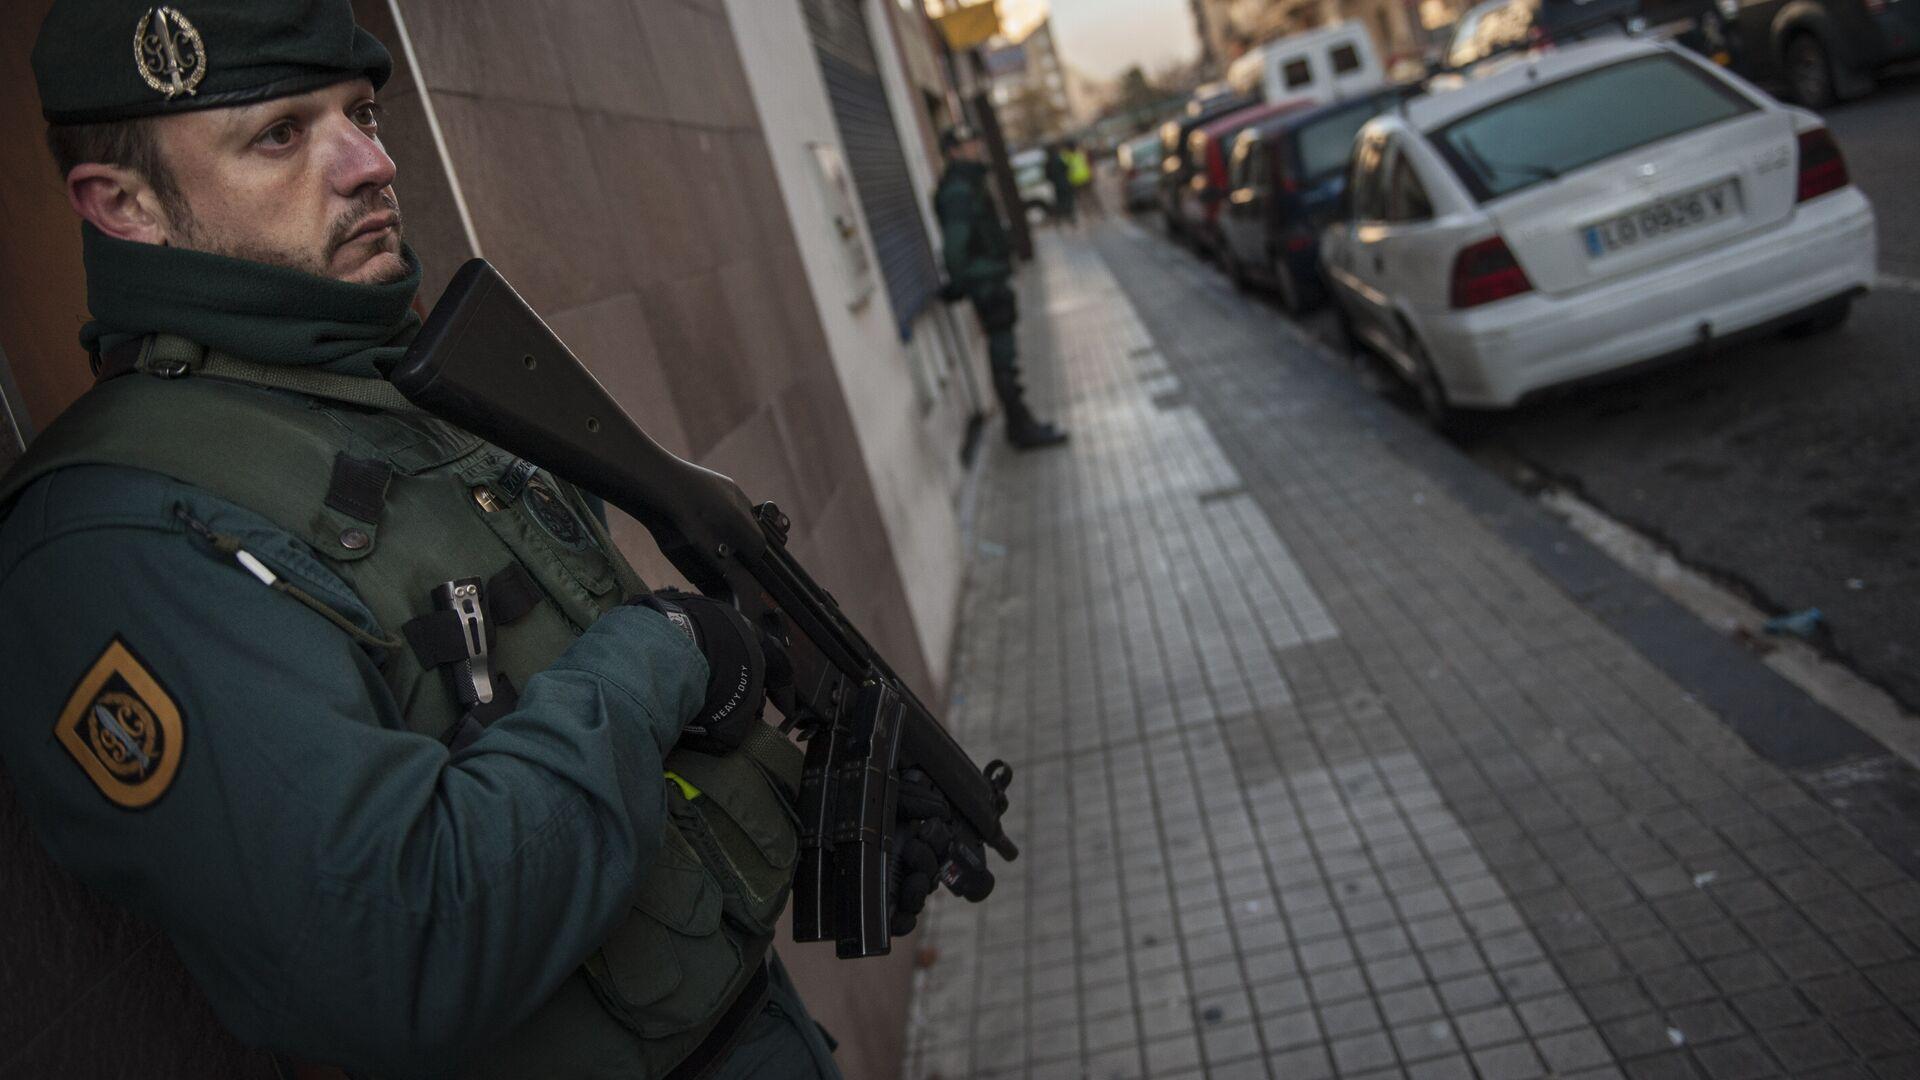 Imagen de archivo de la Guardia Civil de España cuando detiene a un miembro de ISIS en 2015 - Sputnik Mundo, 1920, 11.03.2021